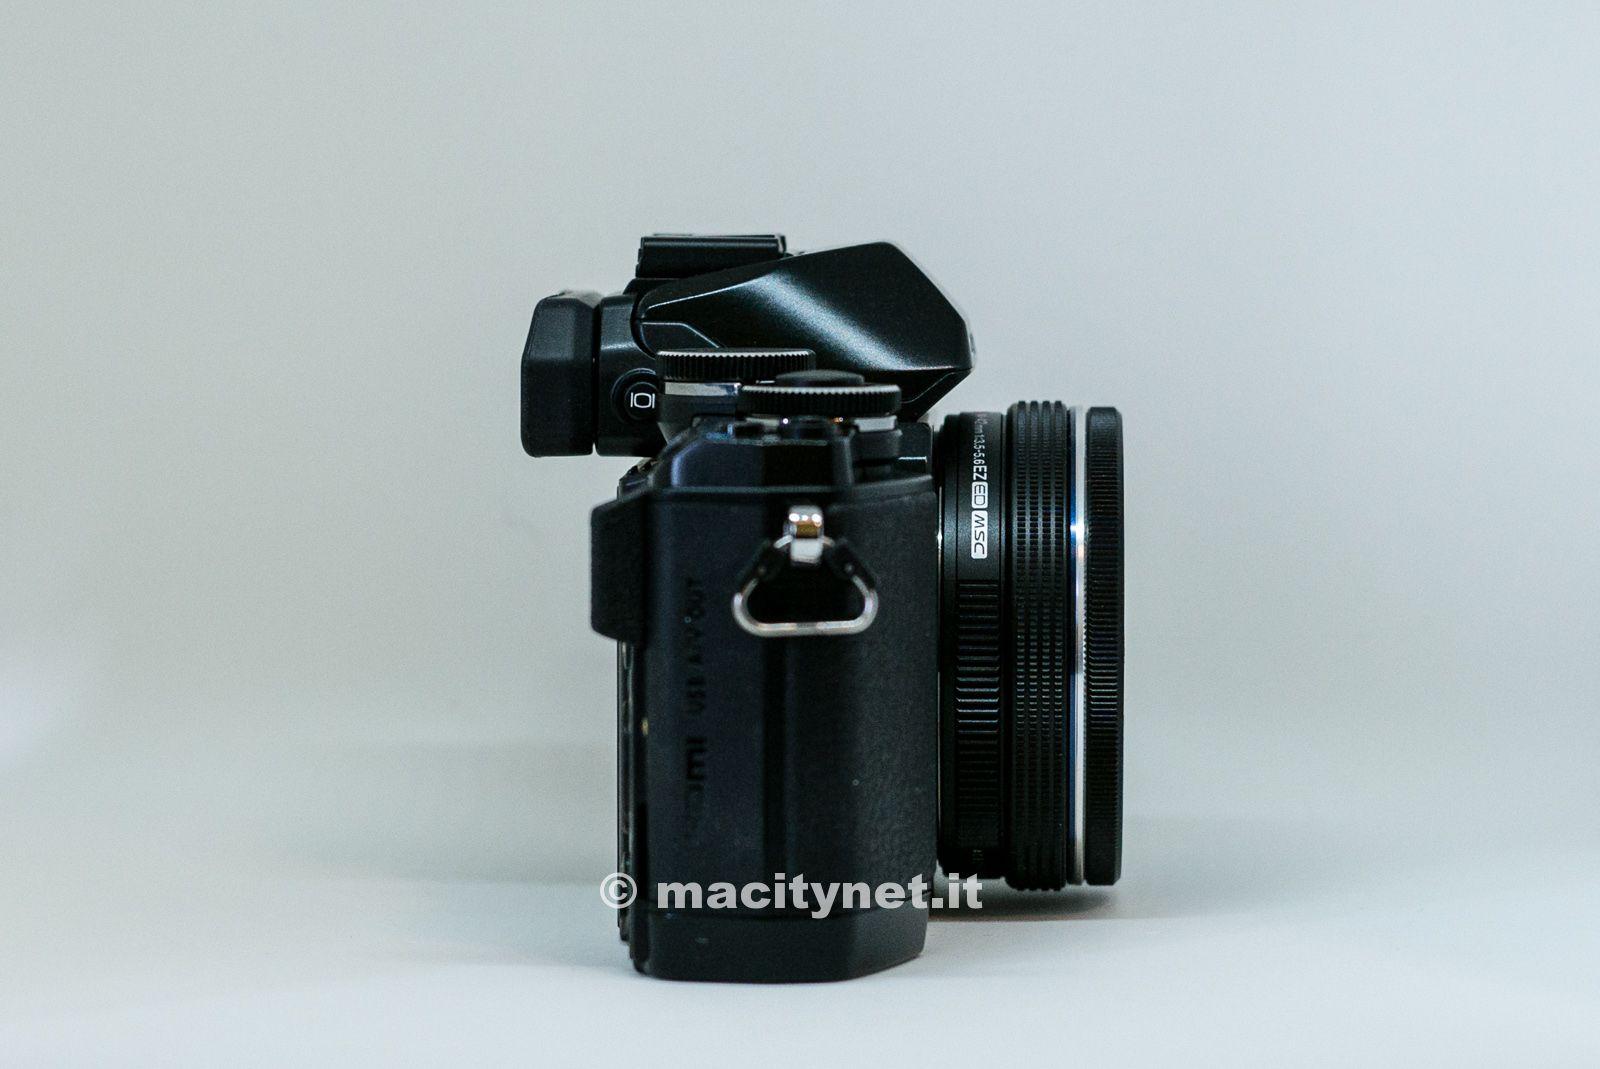 Con l'obiettivo Olympus M.ZUIKO Digital ED 14-42mm f3.5-5.6 EZ lo spessore è molto ridotto e la fotocamera molto portabile